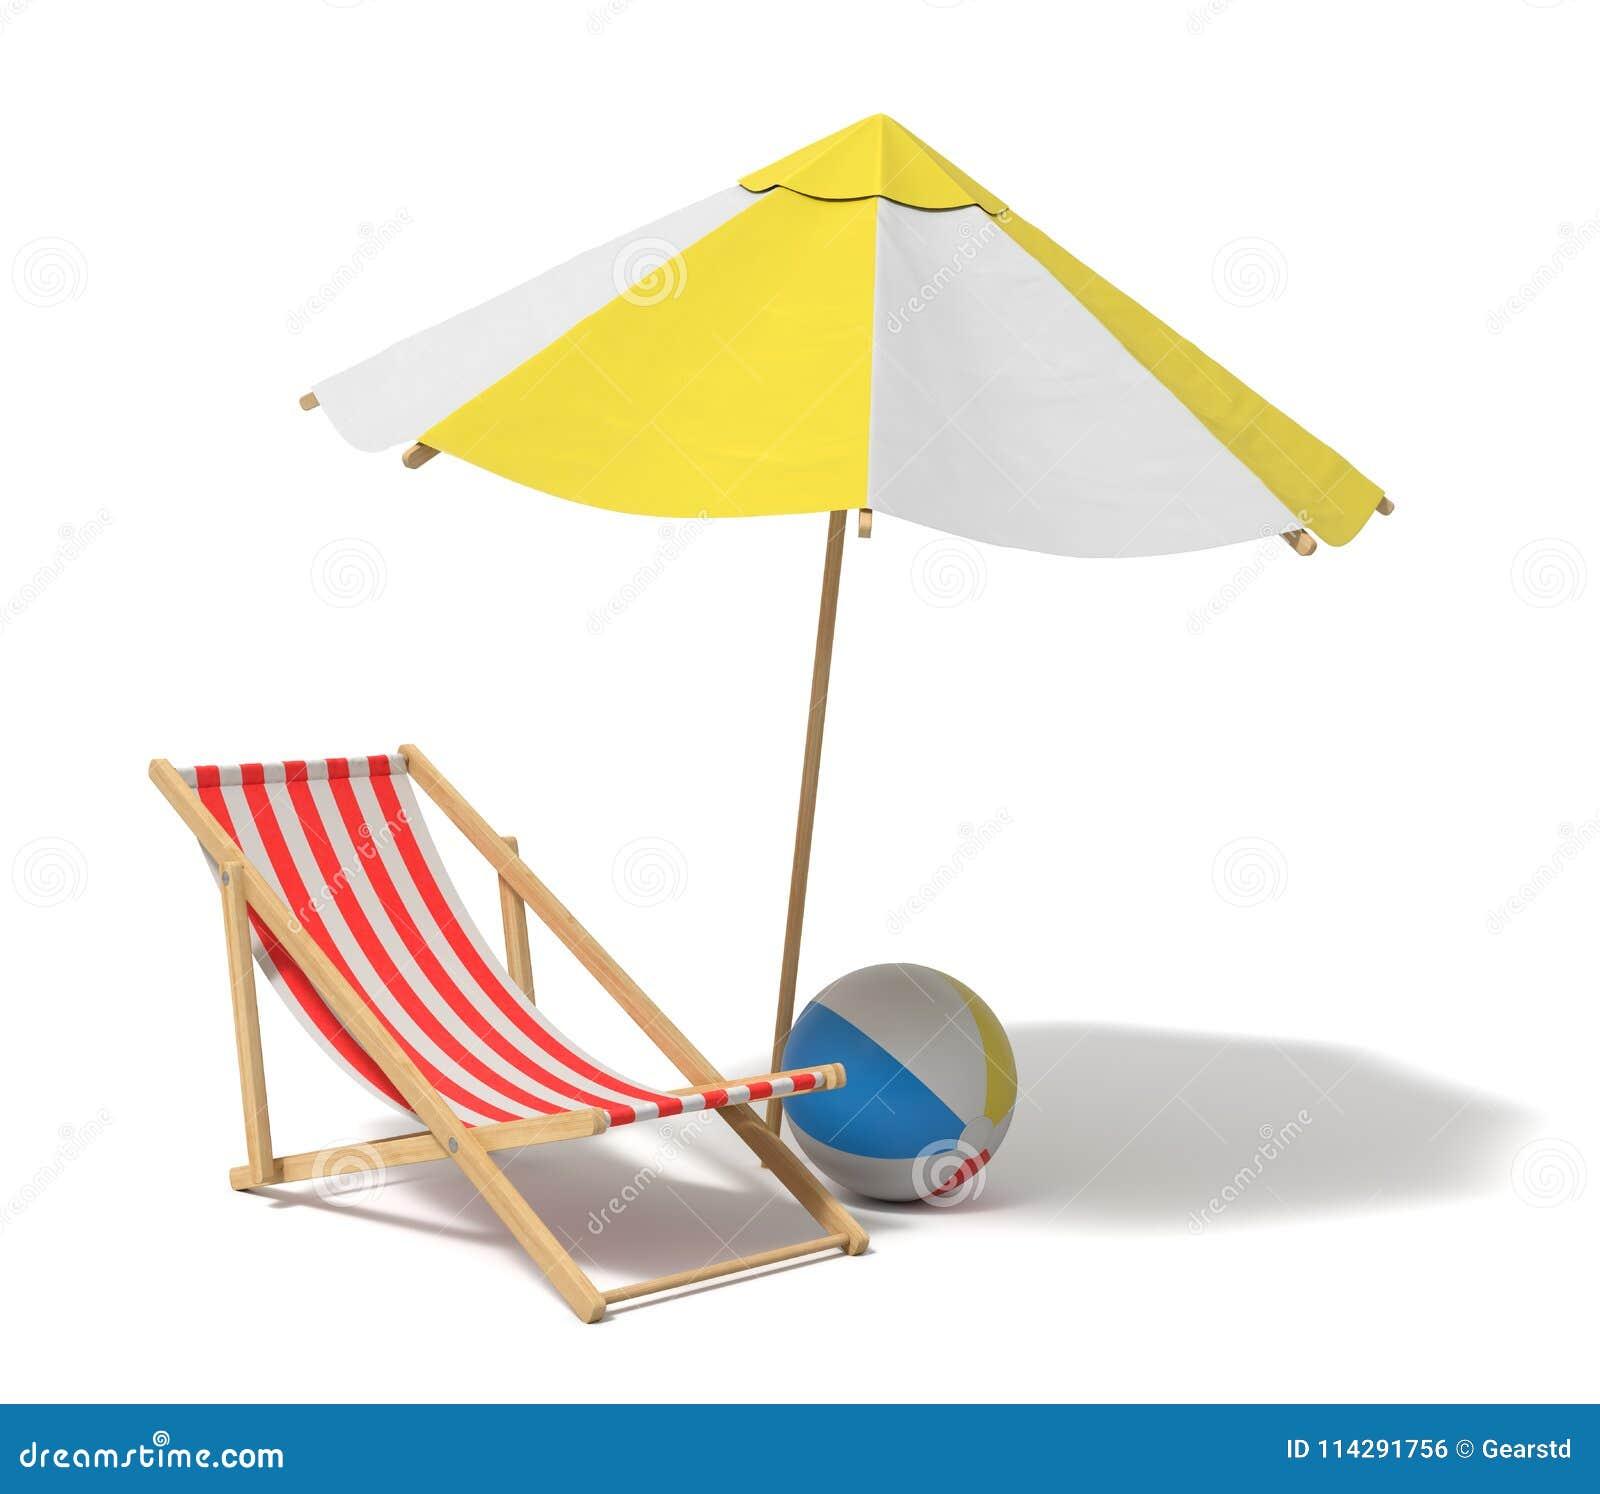 Sdraio Da Spiaggia In Legno.Rappresentazione 3d Di Un Ombrello Di Spiaggia Bianco E Giallo E